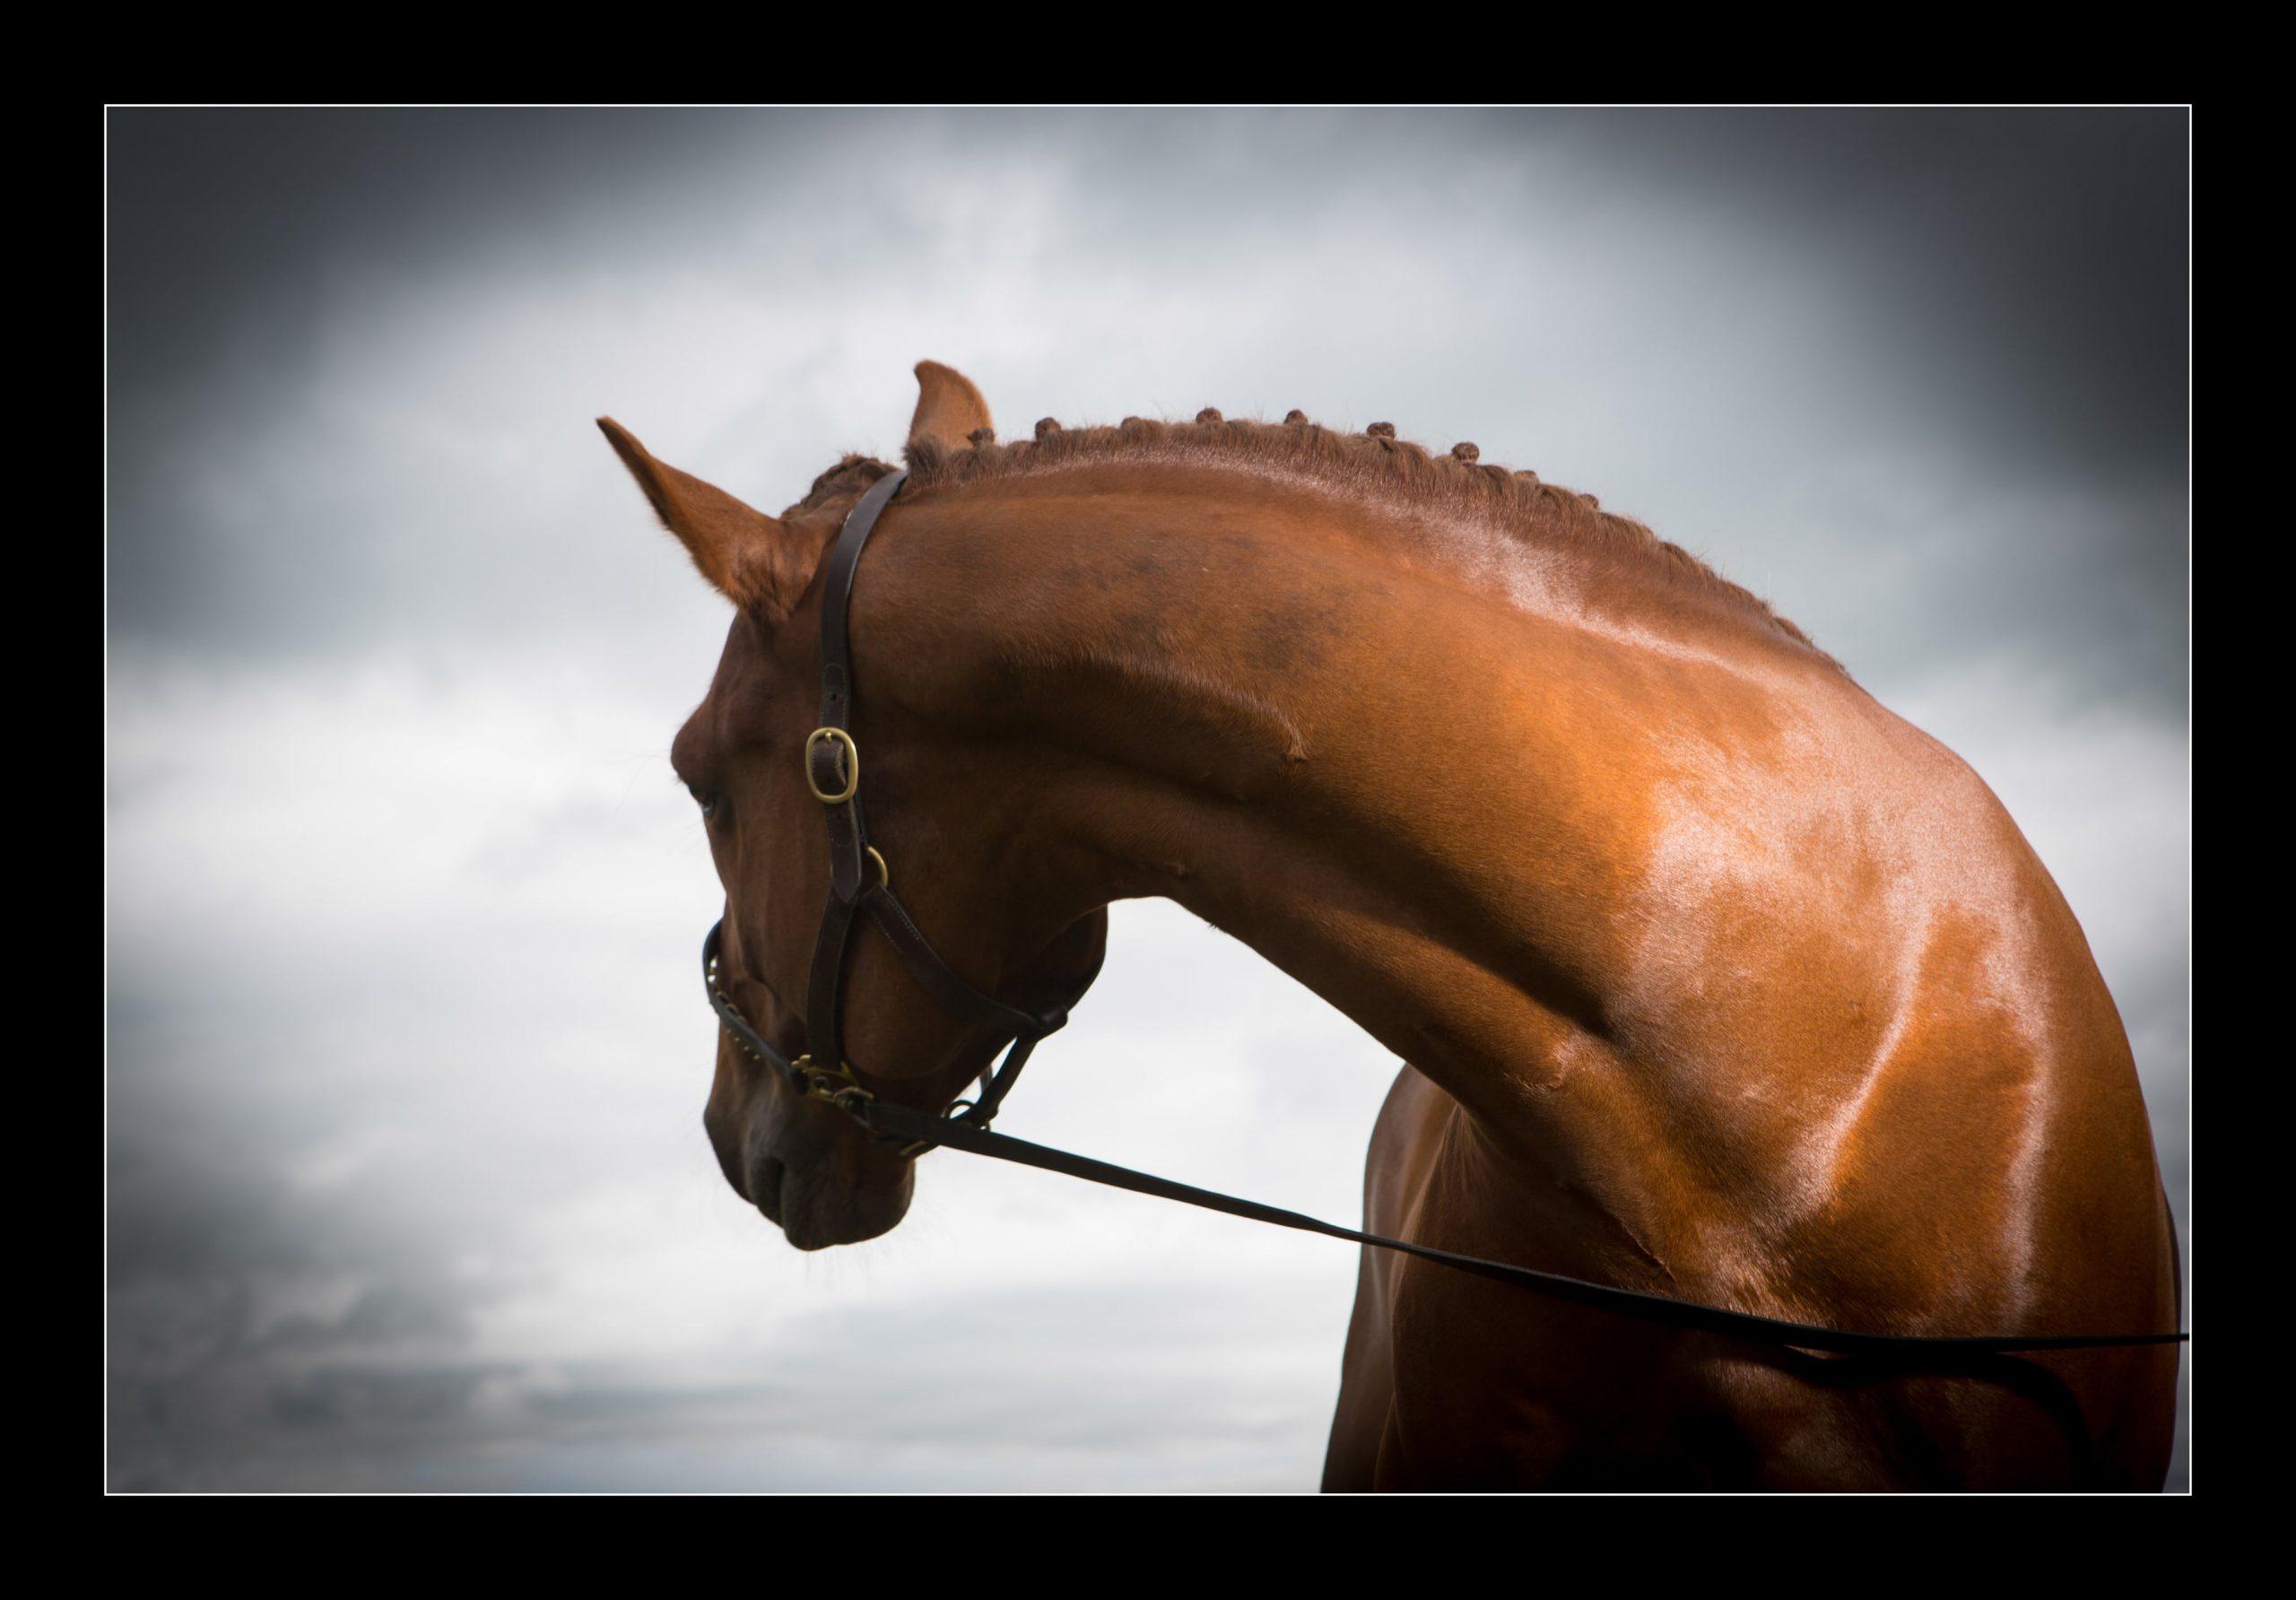 horse_portrait_equine_007-min